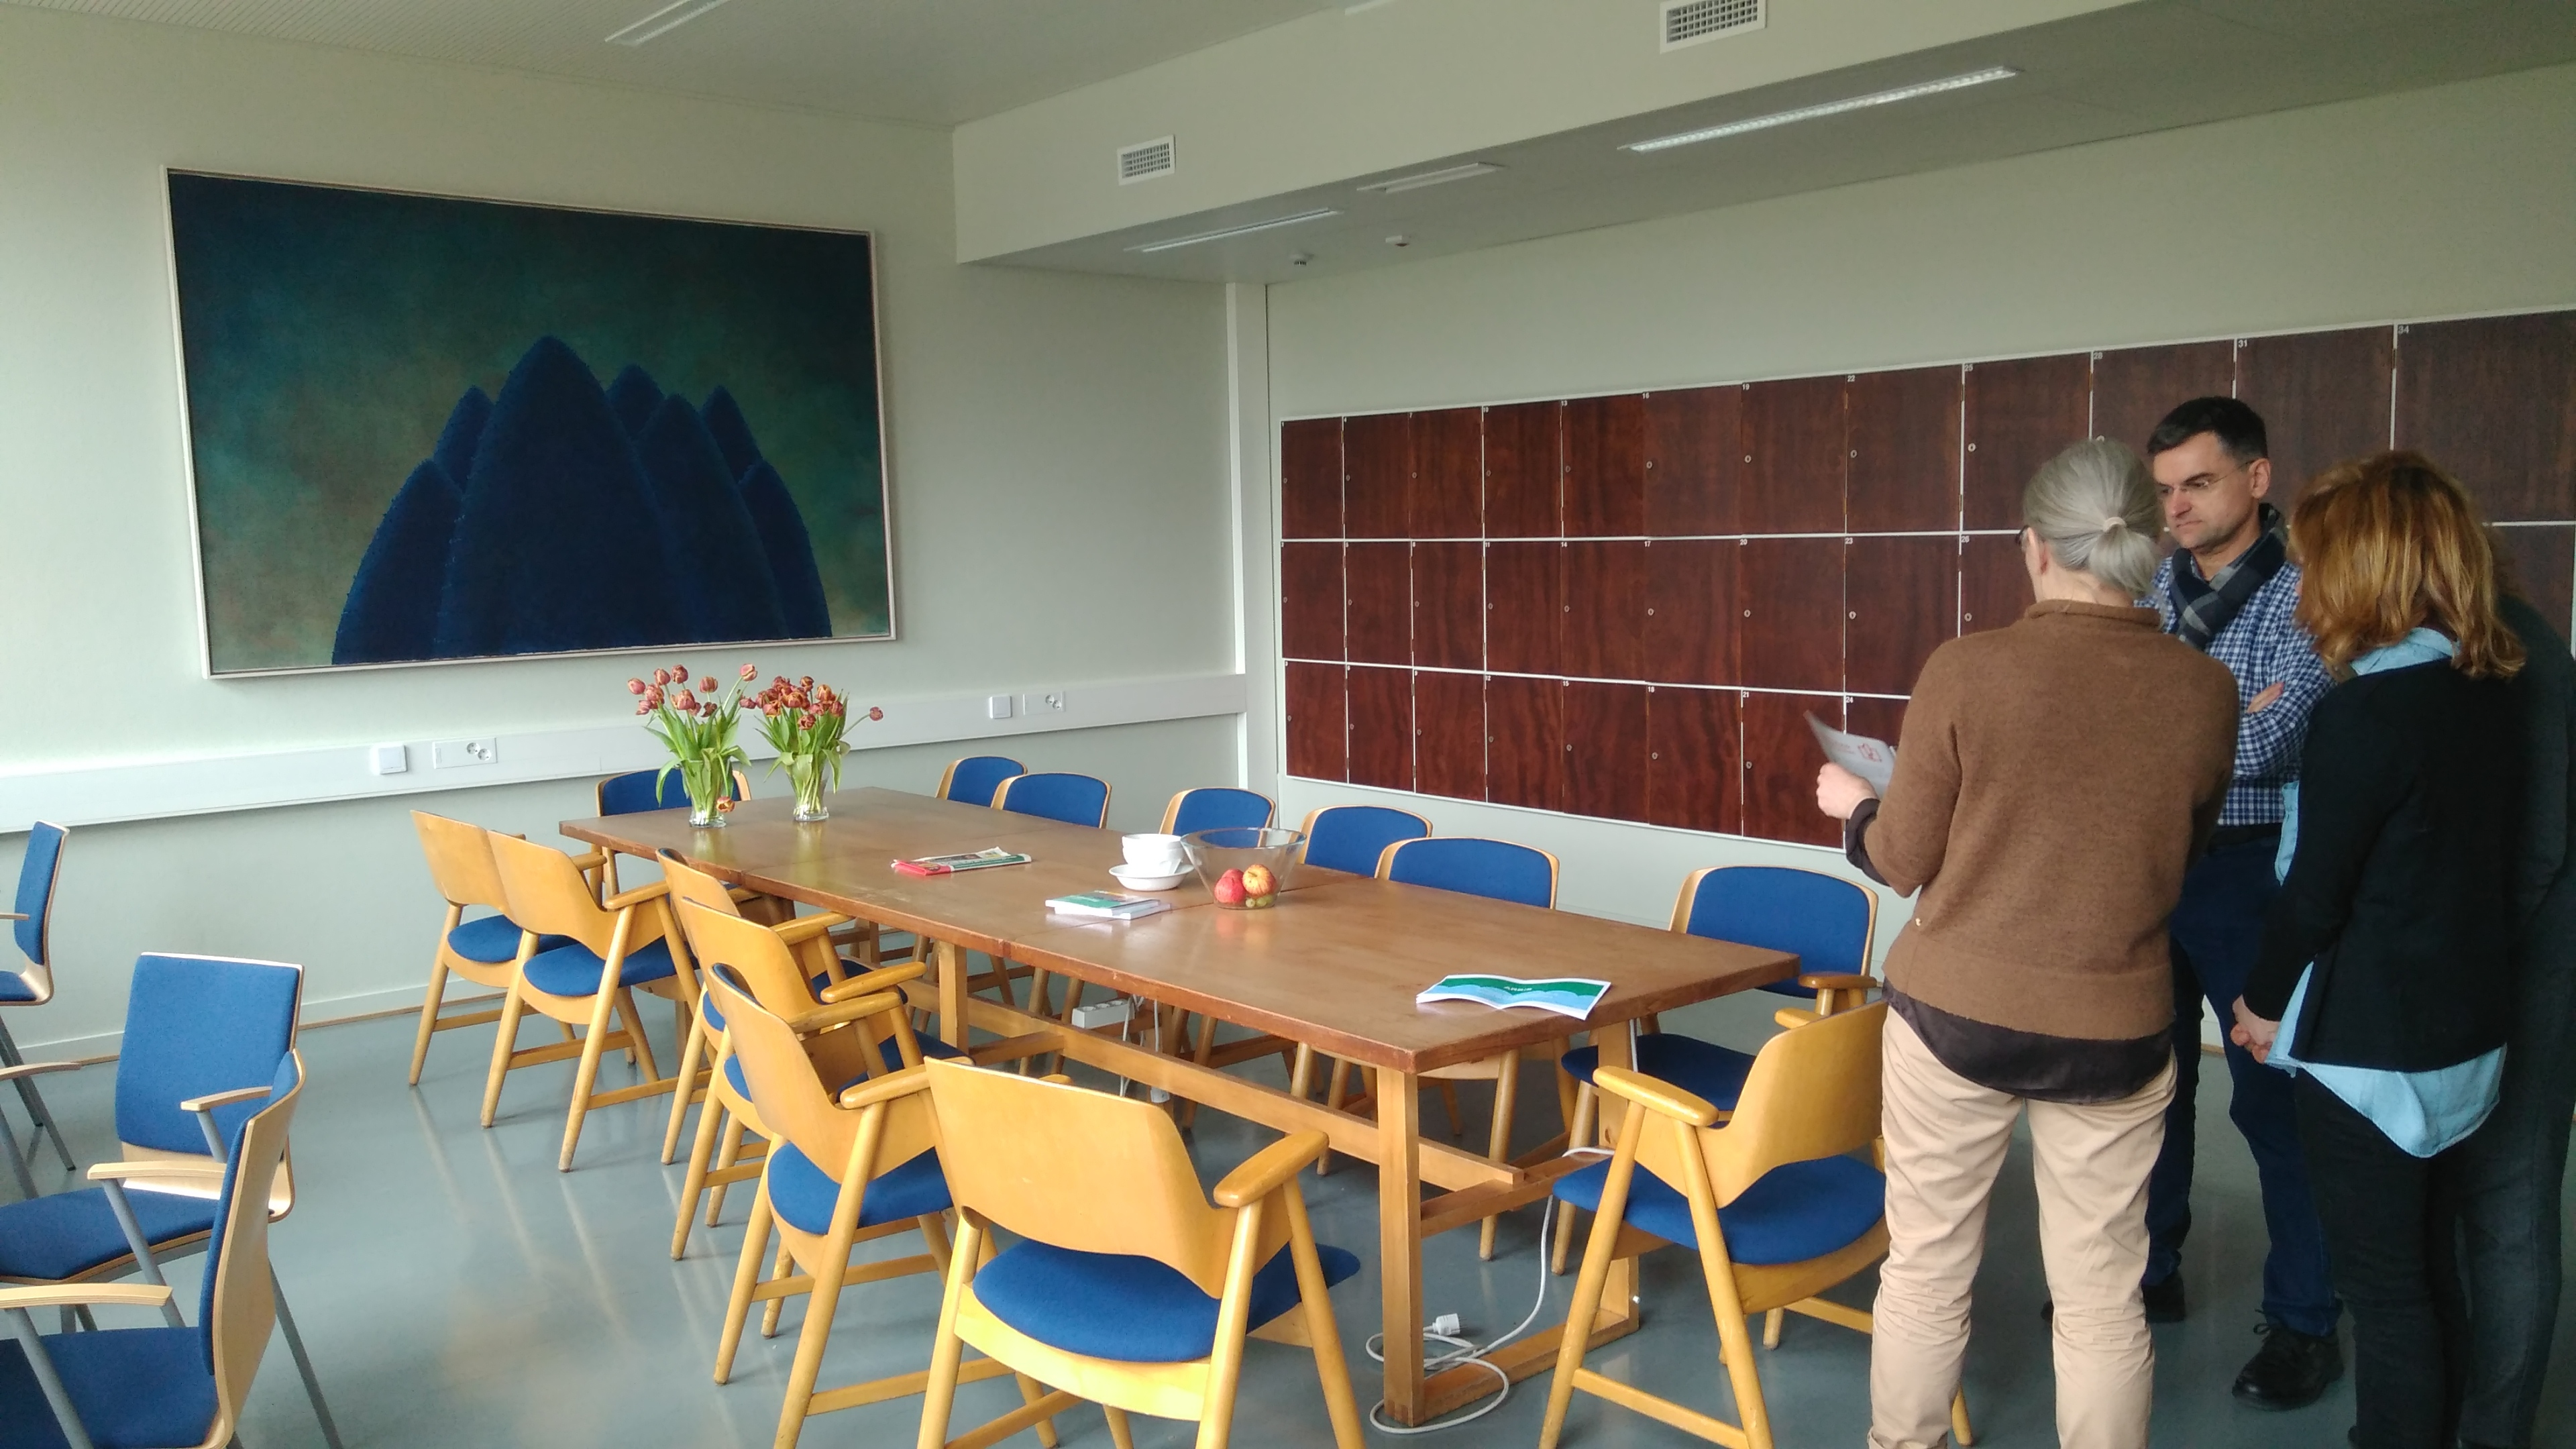 Arbis. Escuela Sueca en Finlandia. Erasmus+ 2018 16